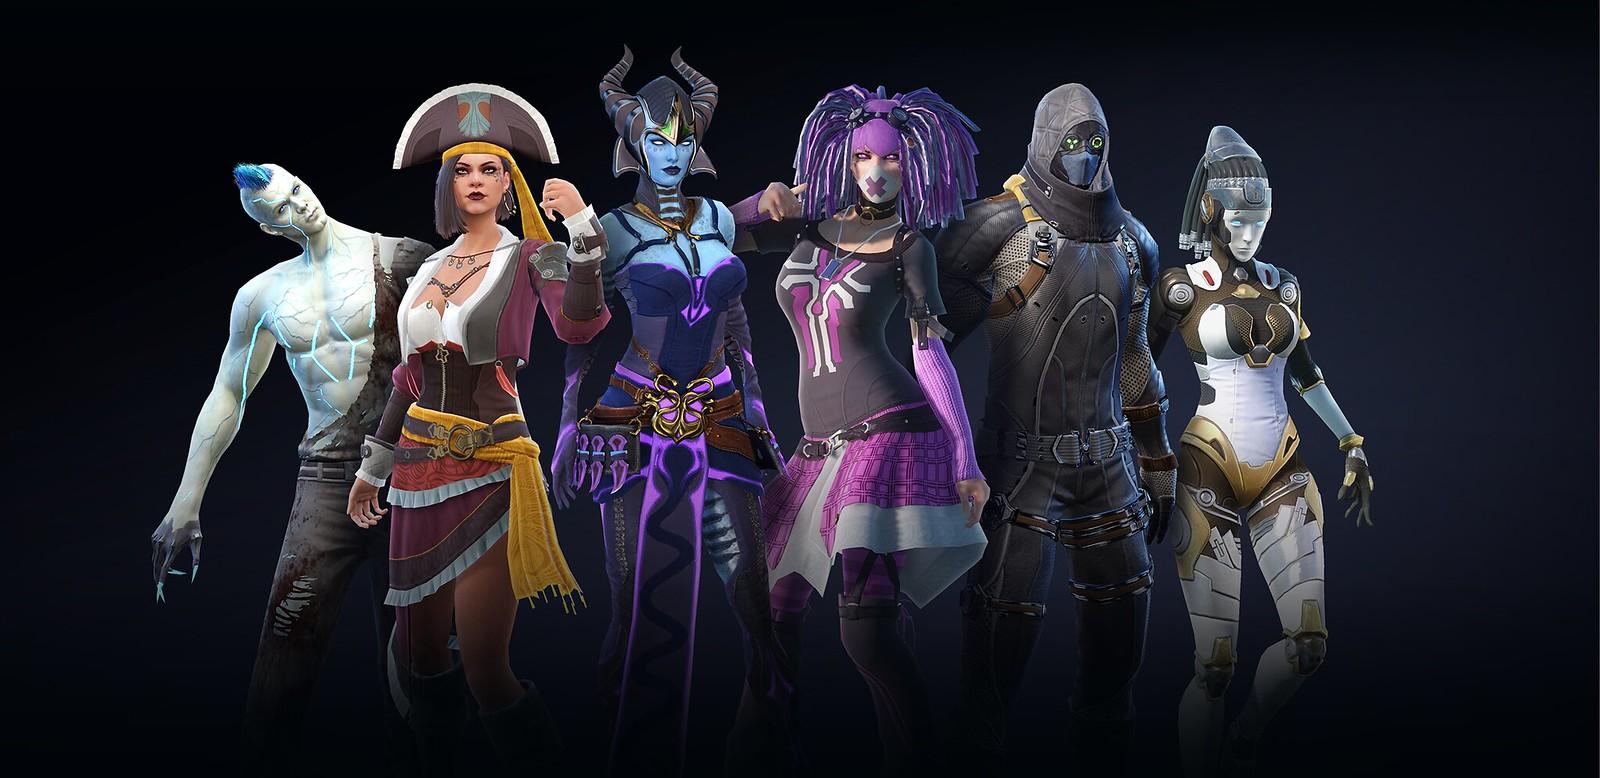 44020227672 7185bc7591 h - MMORPG Skyforge erhält dieses Jahr mit Battle Royale-Modus einen FPS-Twist